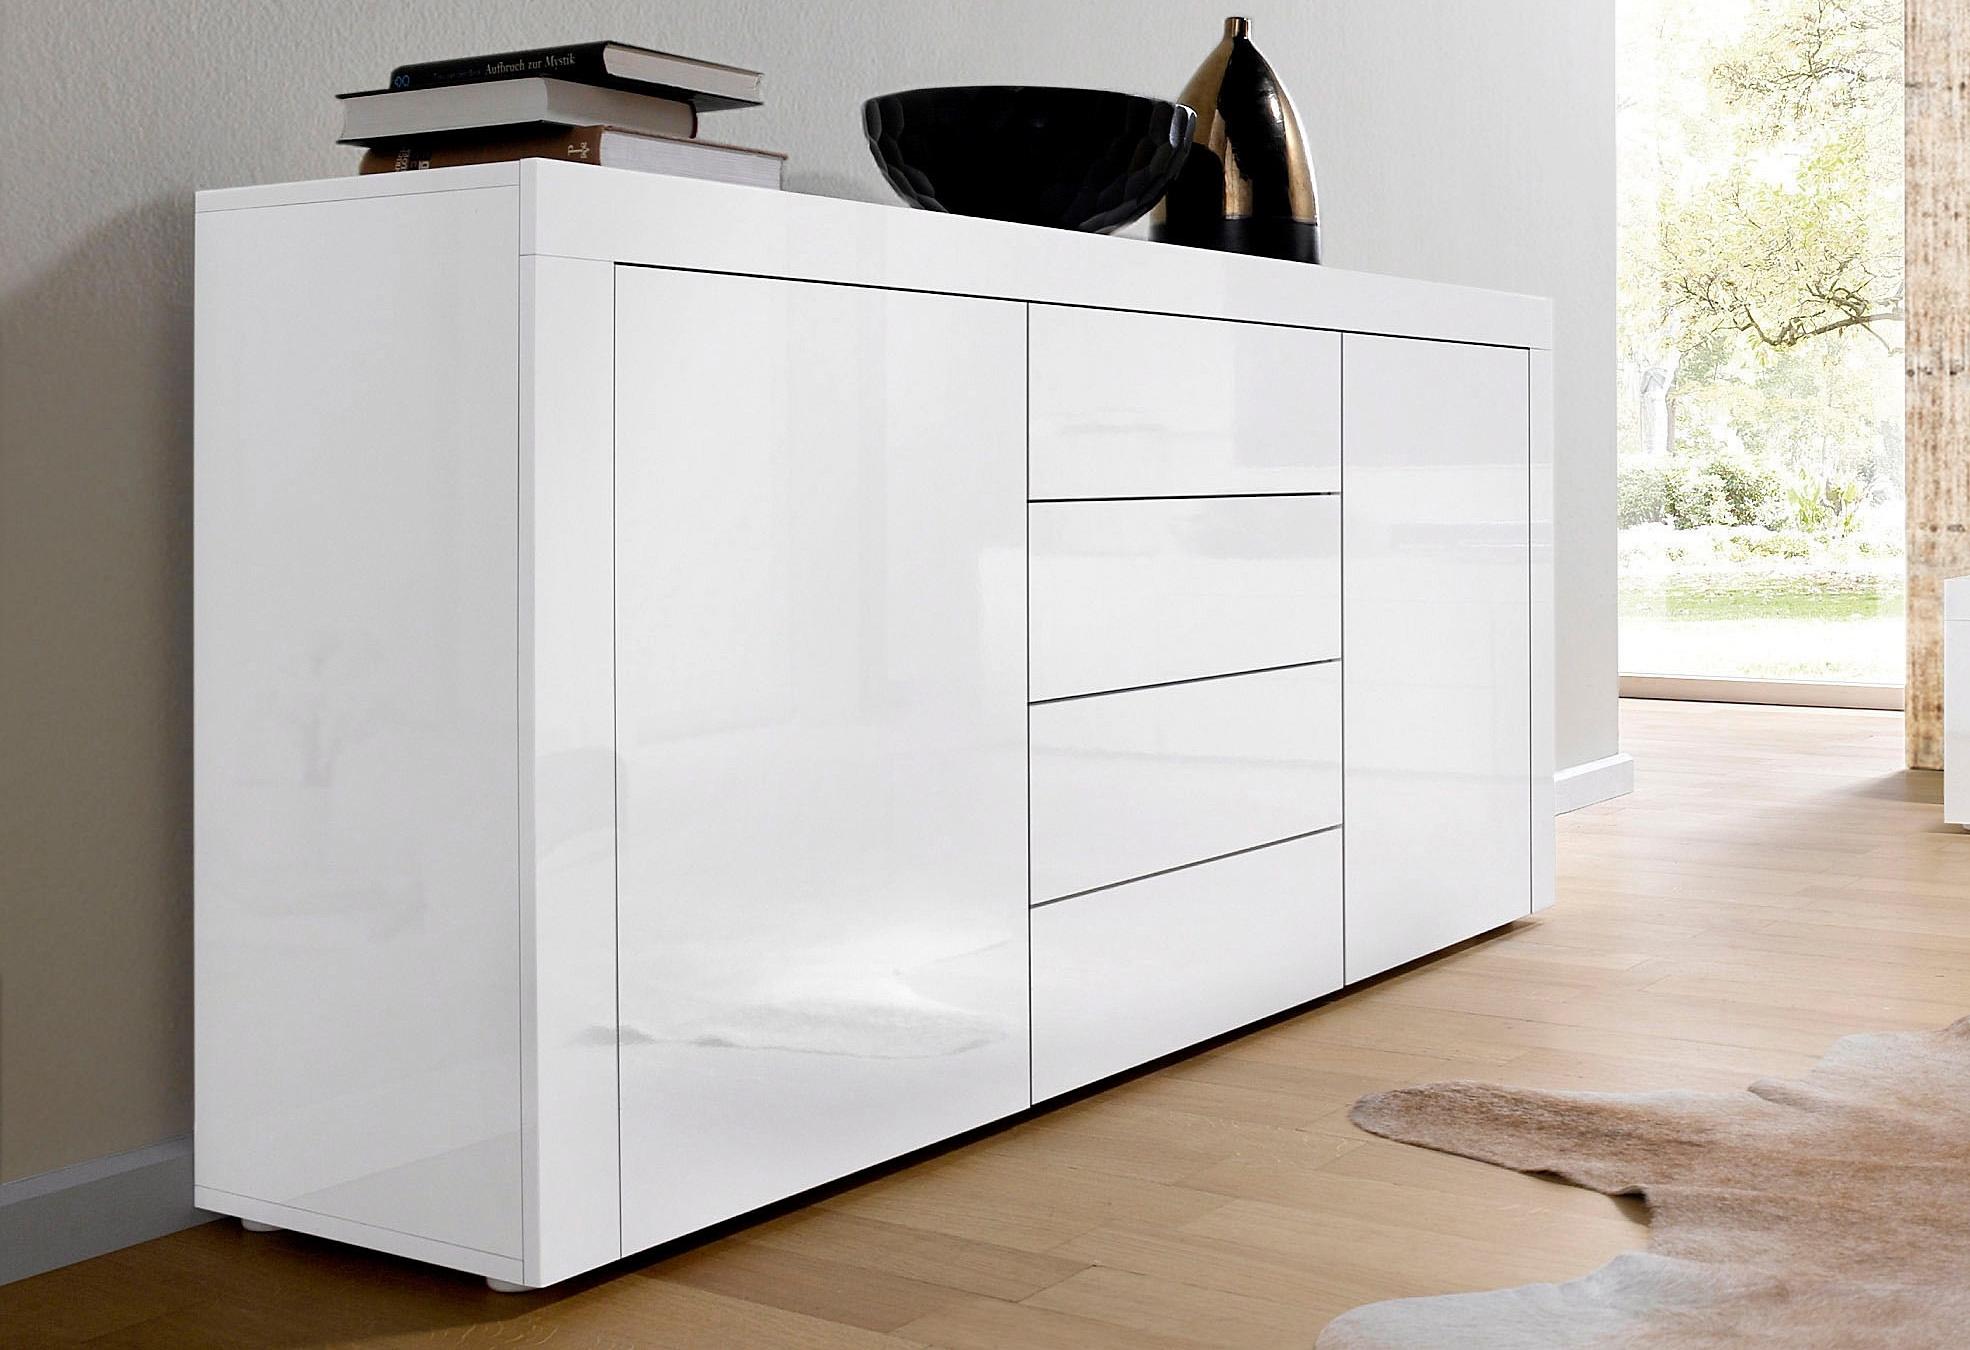 Borchardt Möbel Sideboard breedte 139 cm bestellen: 14 dagen bedenktijd